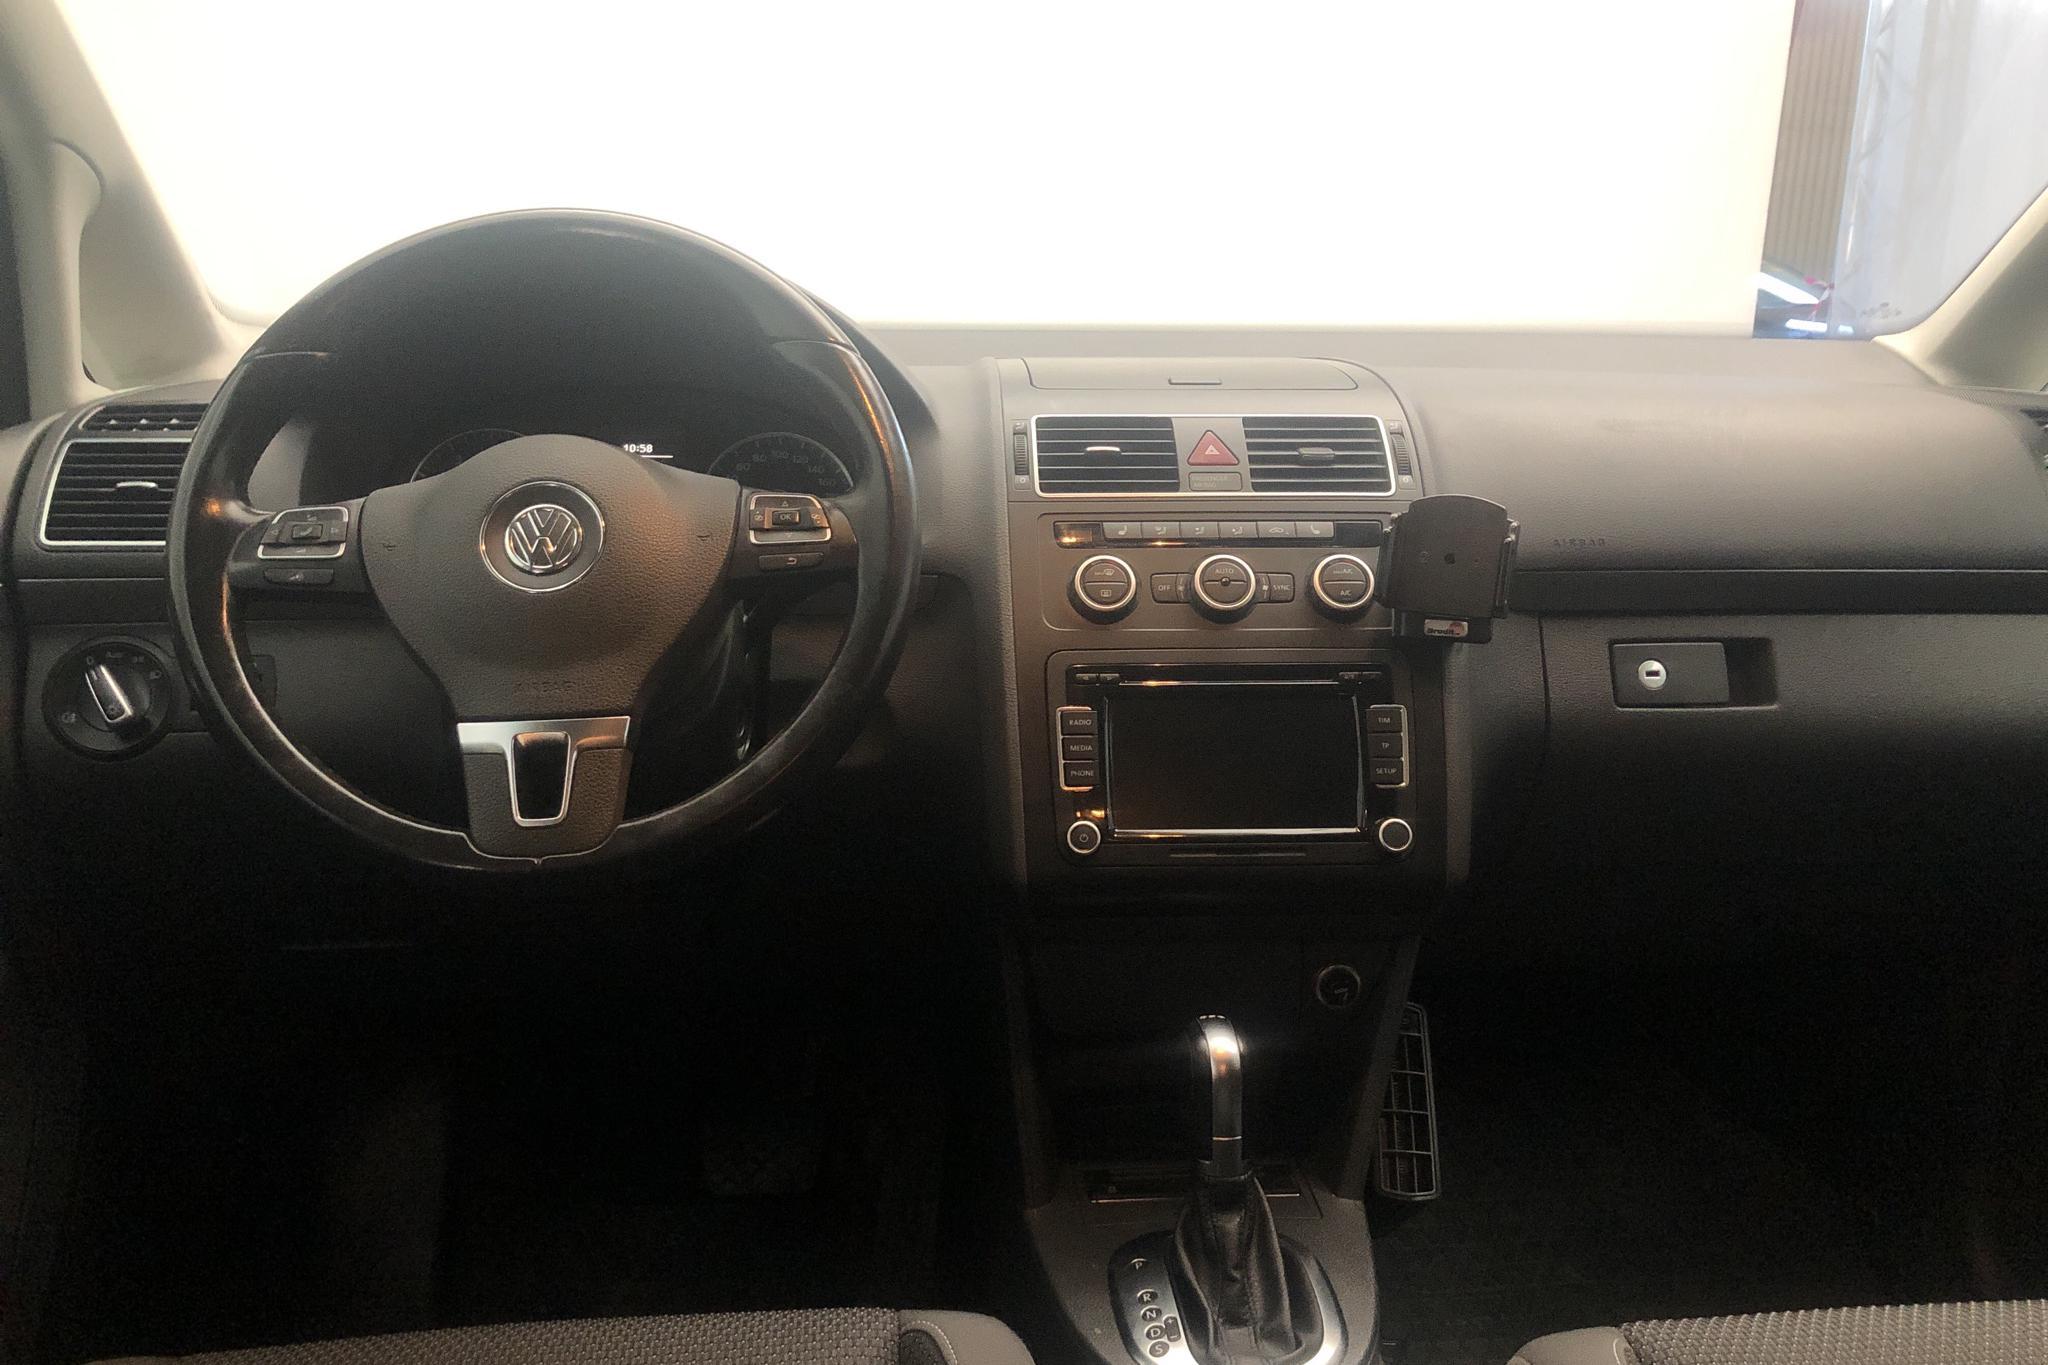 VW Touran 1.4 TGI EcoFuel (150hk) - 5 618 mil - Automat - vit - 2014